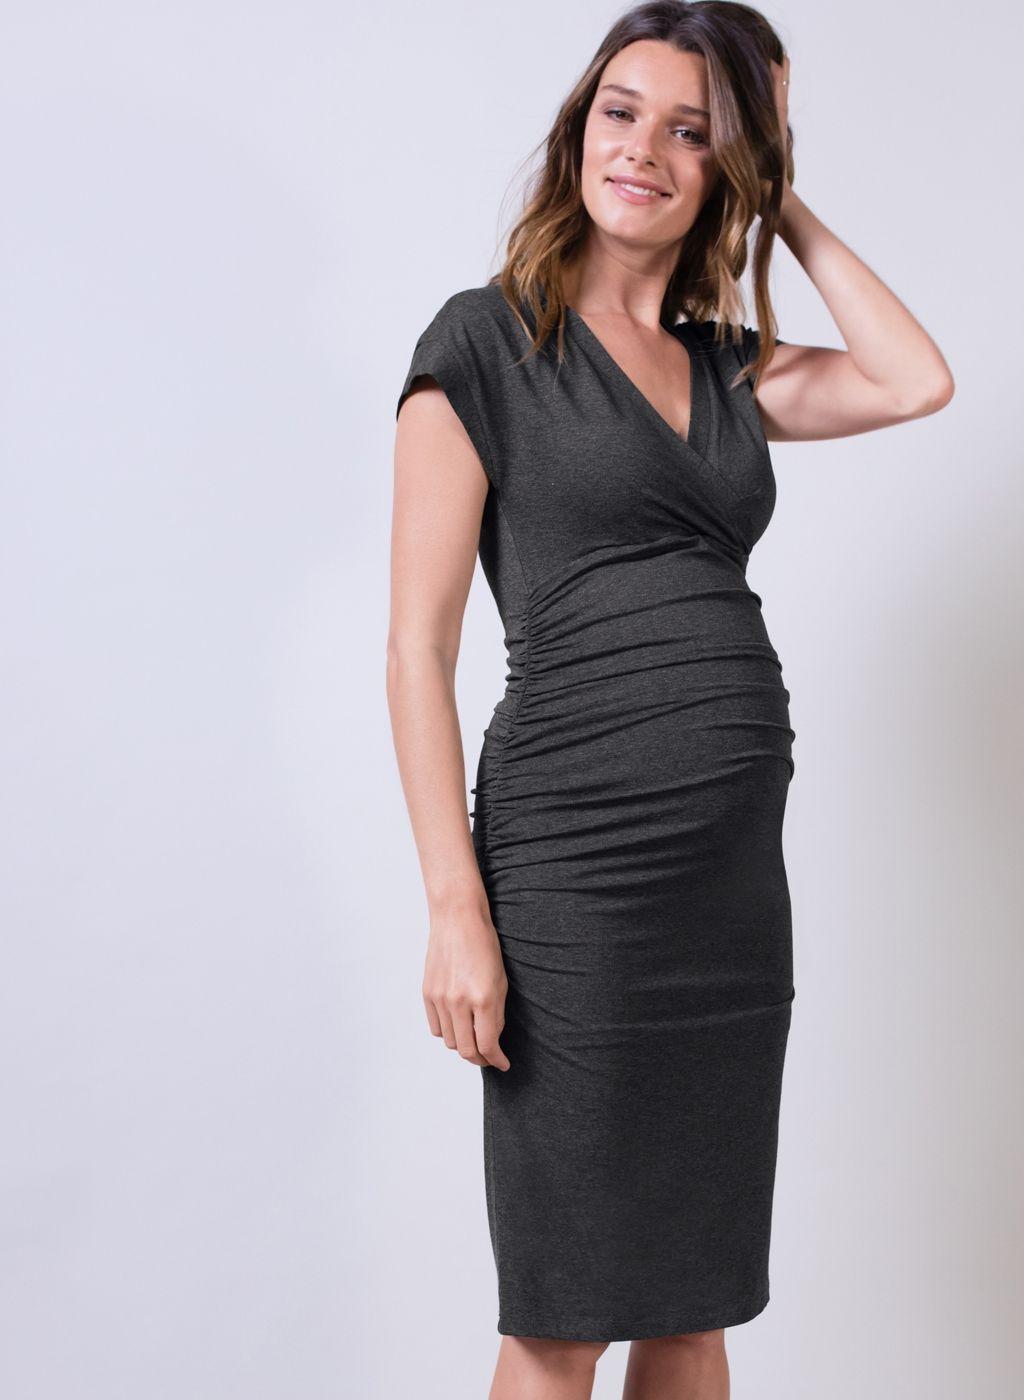 942259f6e33 Halstead Maternity Dress, Isabella Oliver, $159 Embarazo, Vestidos De  Maternidad, Moda De